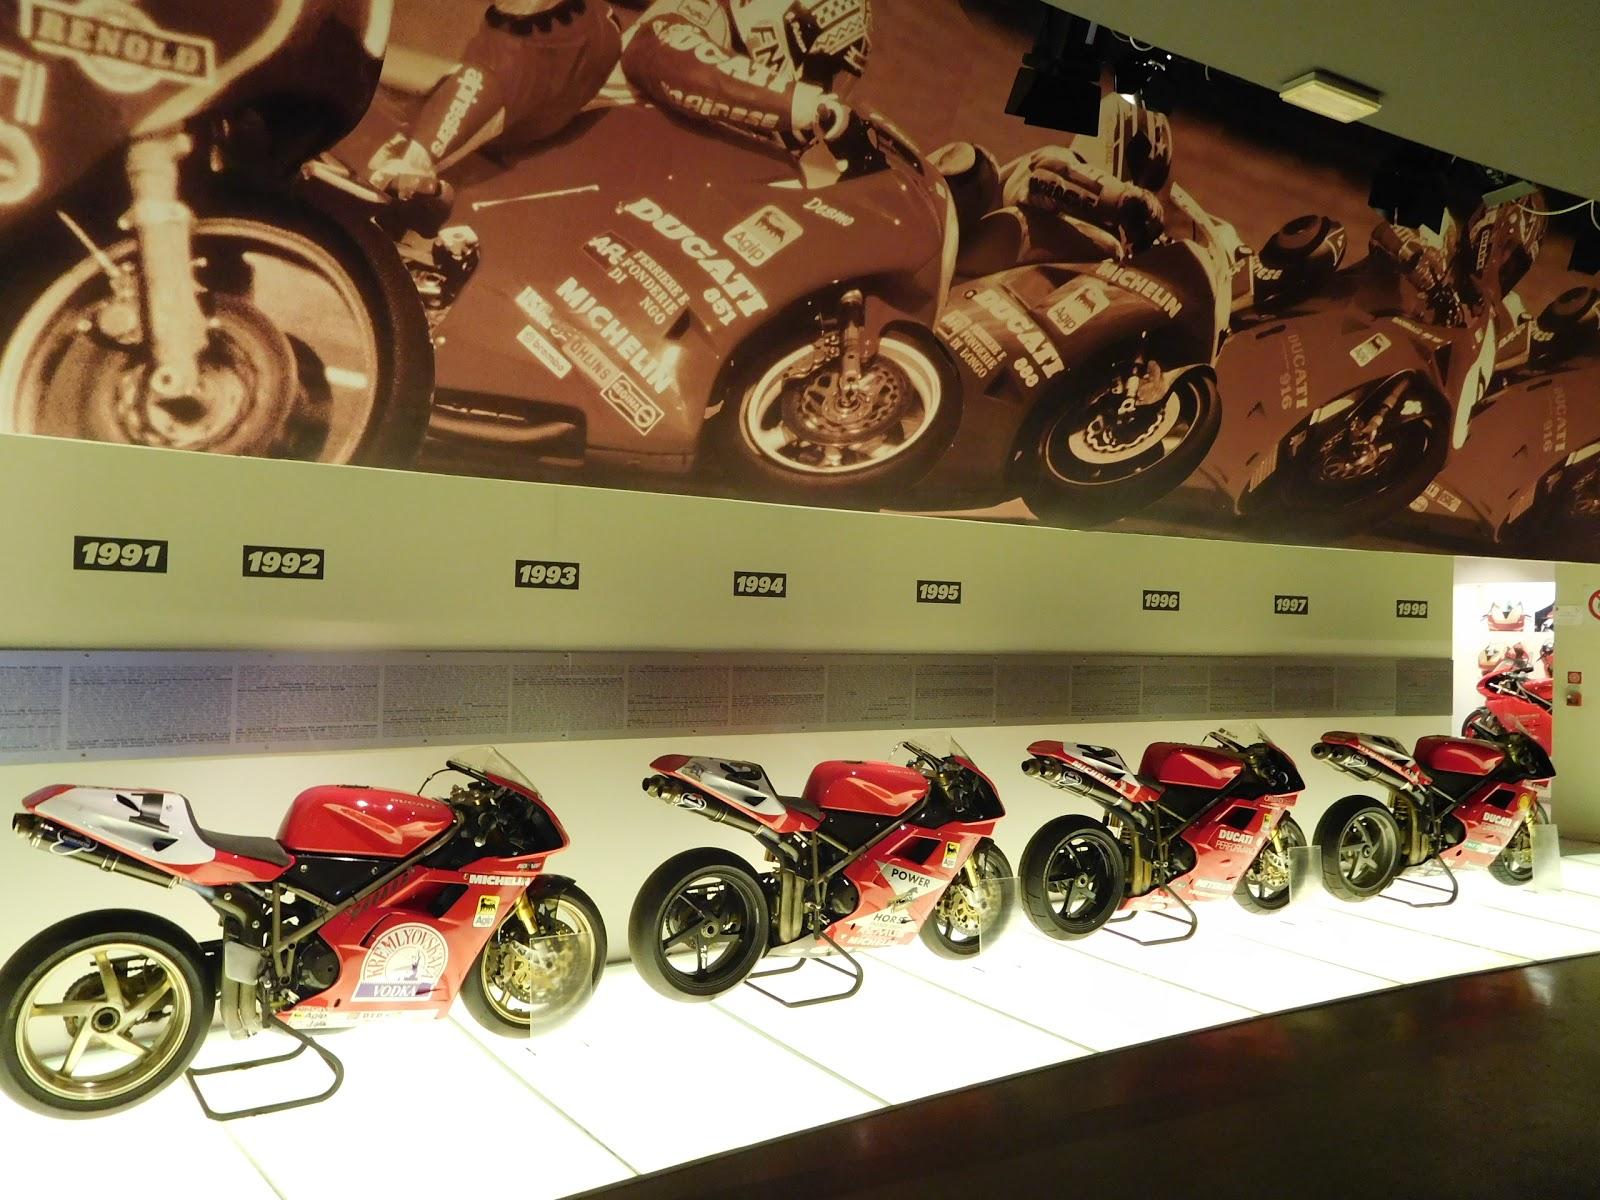 Tigh Loughhead of Gotham Ducati visits Museo Ducati in Borgo Panigale Bologna